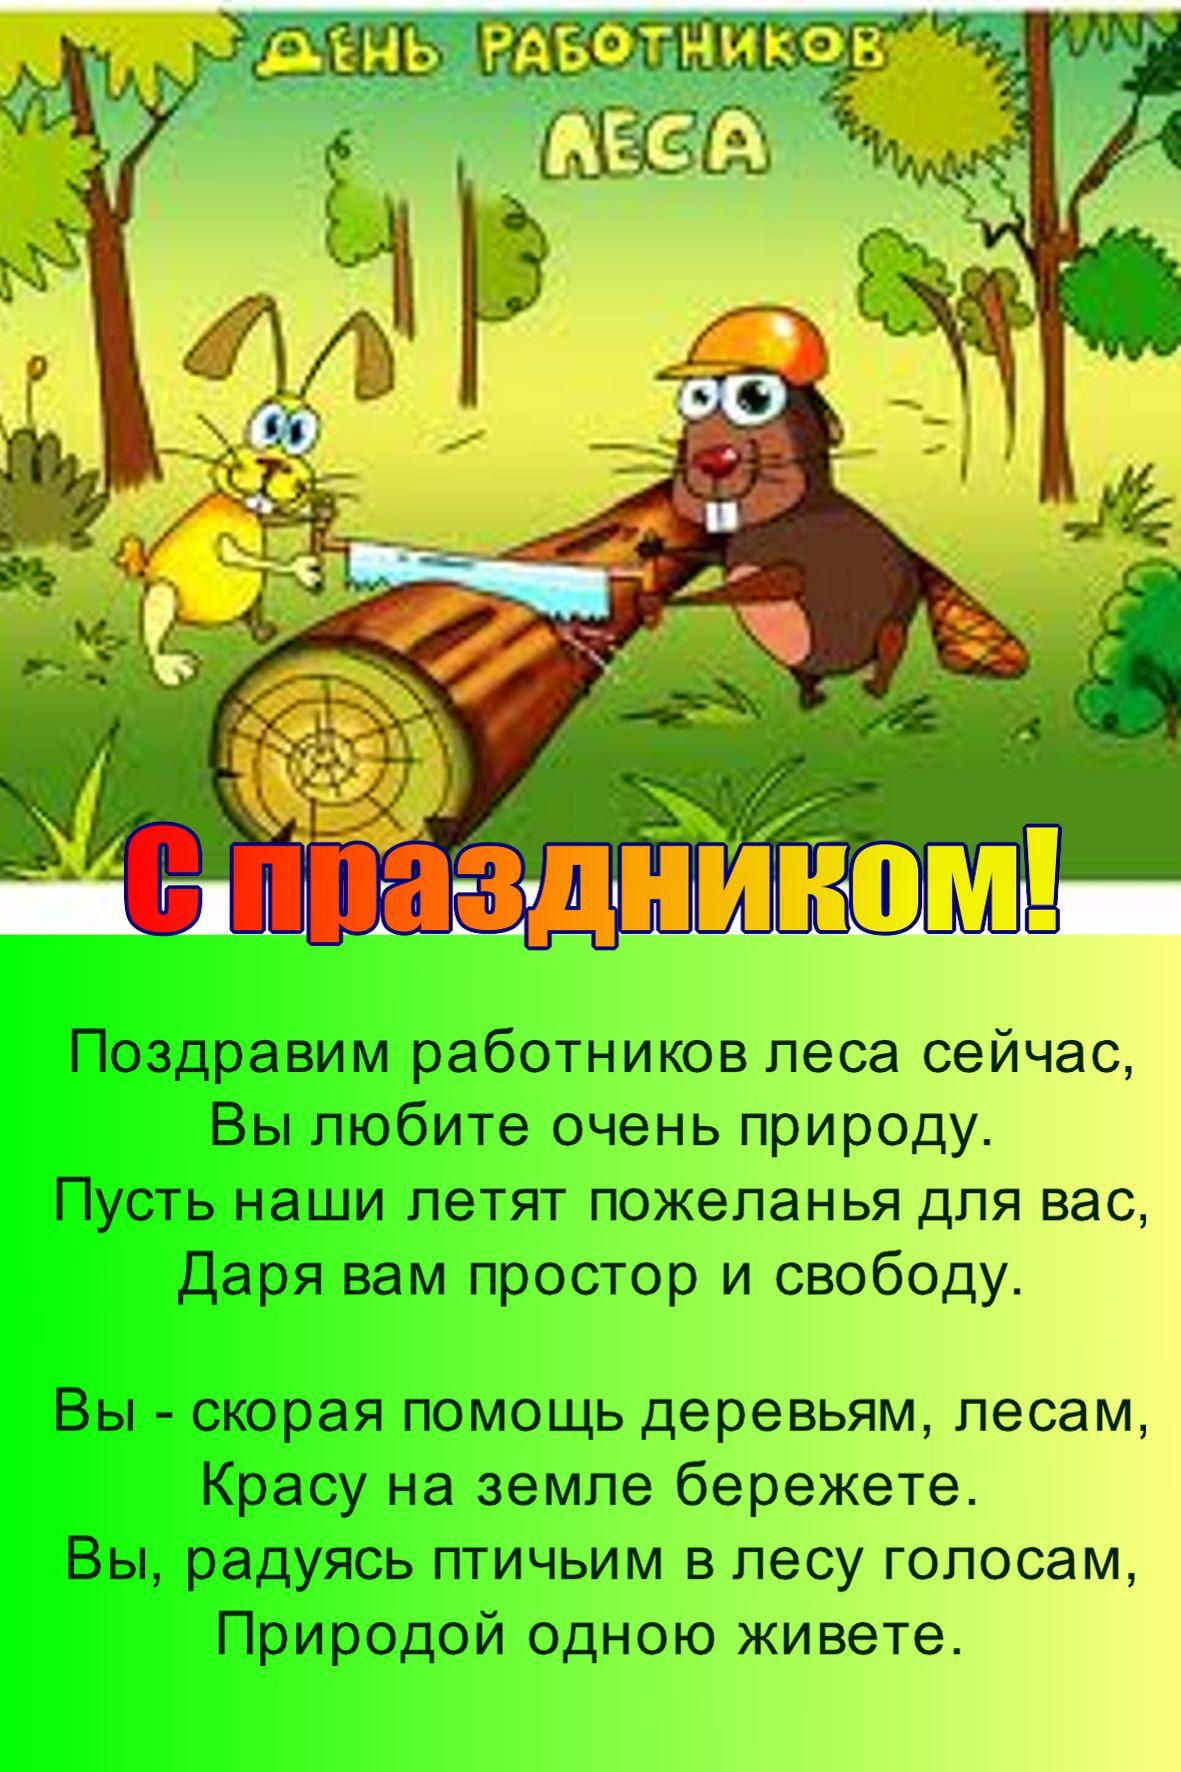 Поздравления с днем лесного хозяйства открытки, воспитателю детского сада